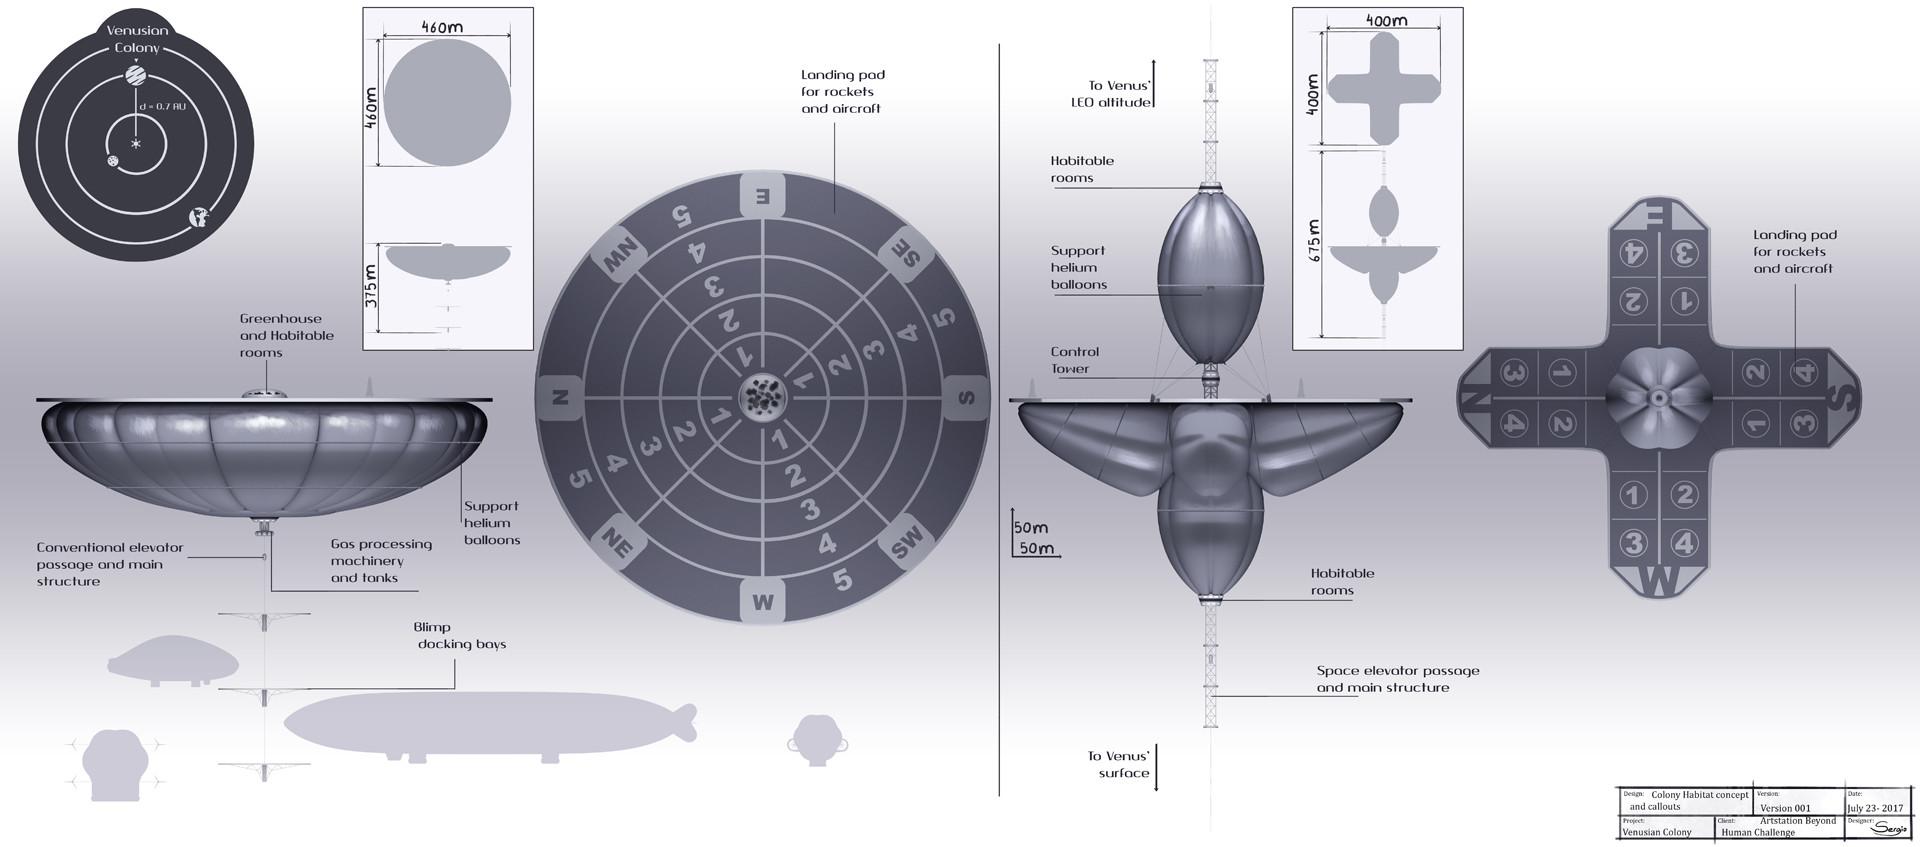 Sergio botero tflp venusian colony concept v1 web